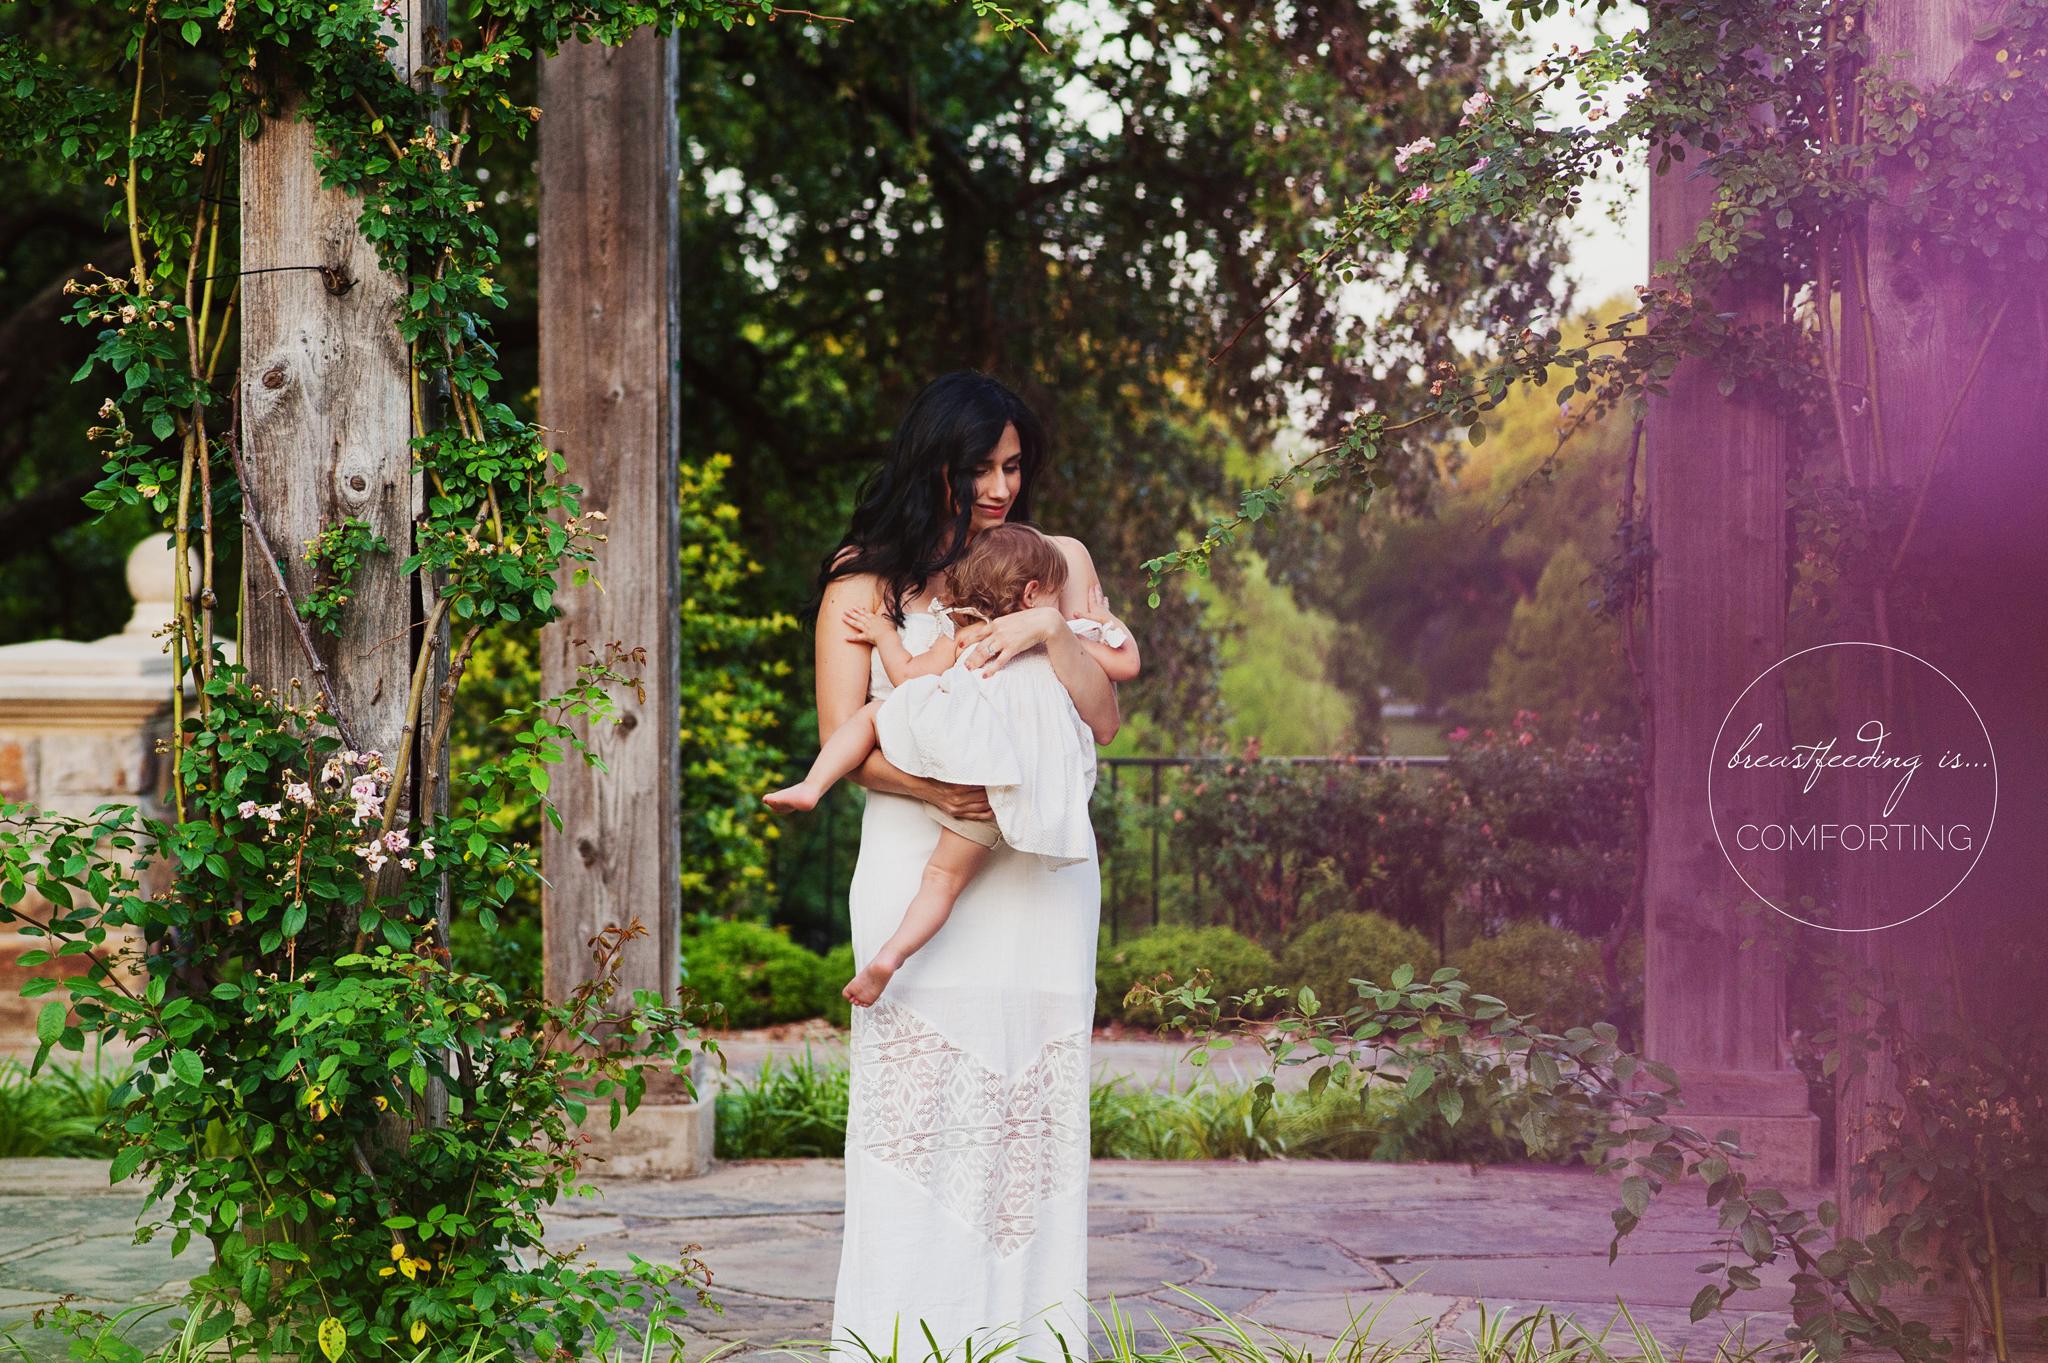 Breastfeeding-Is-Comforting